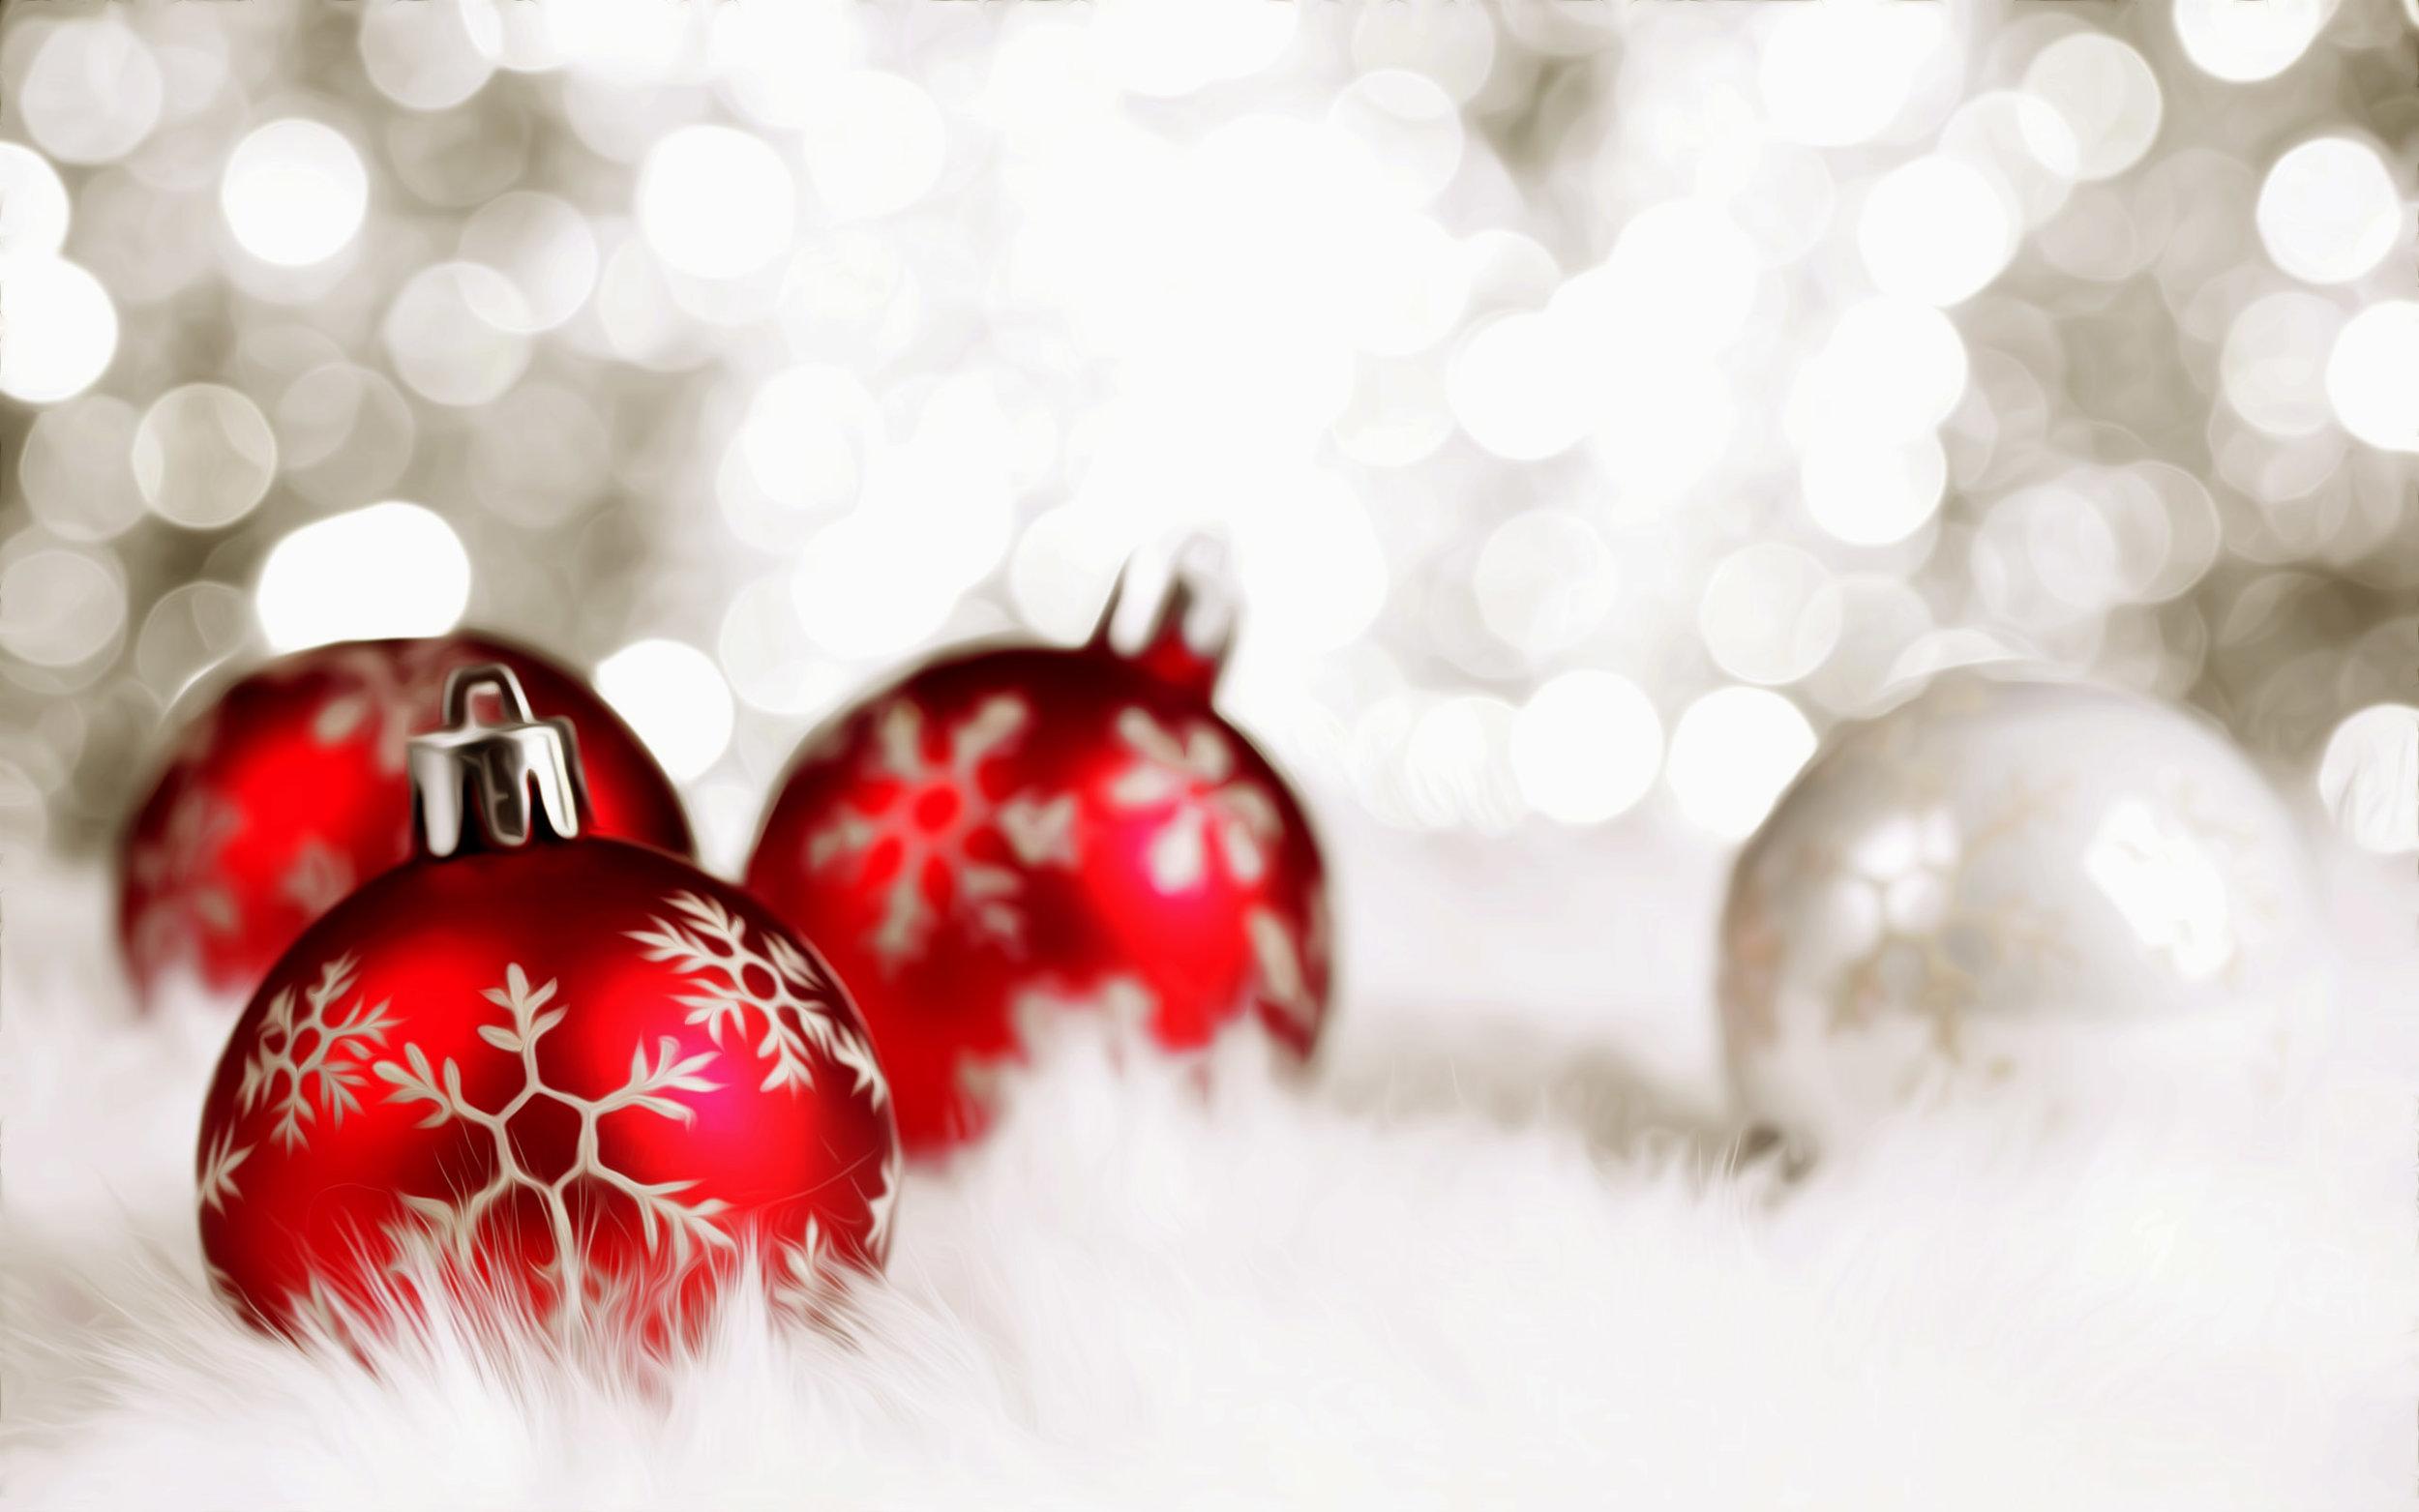 Xmas-Holidays.jpg